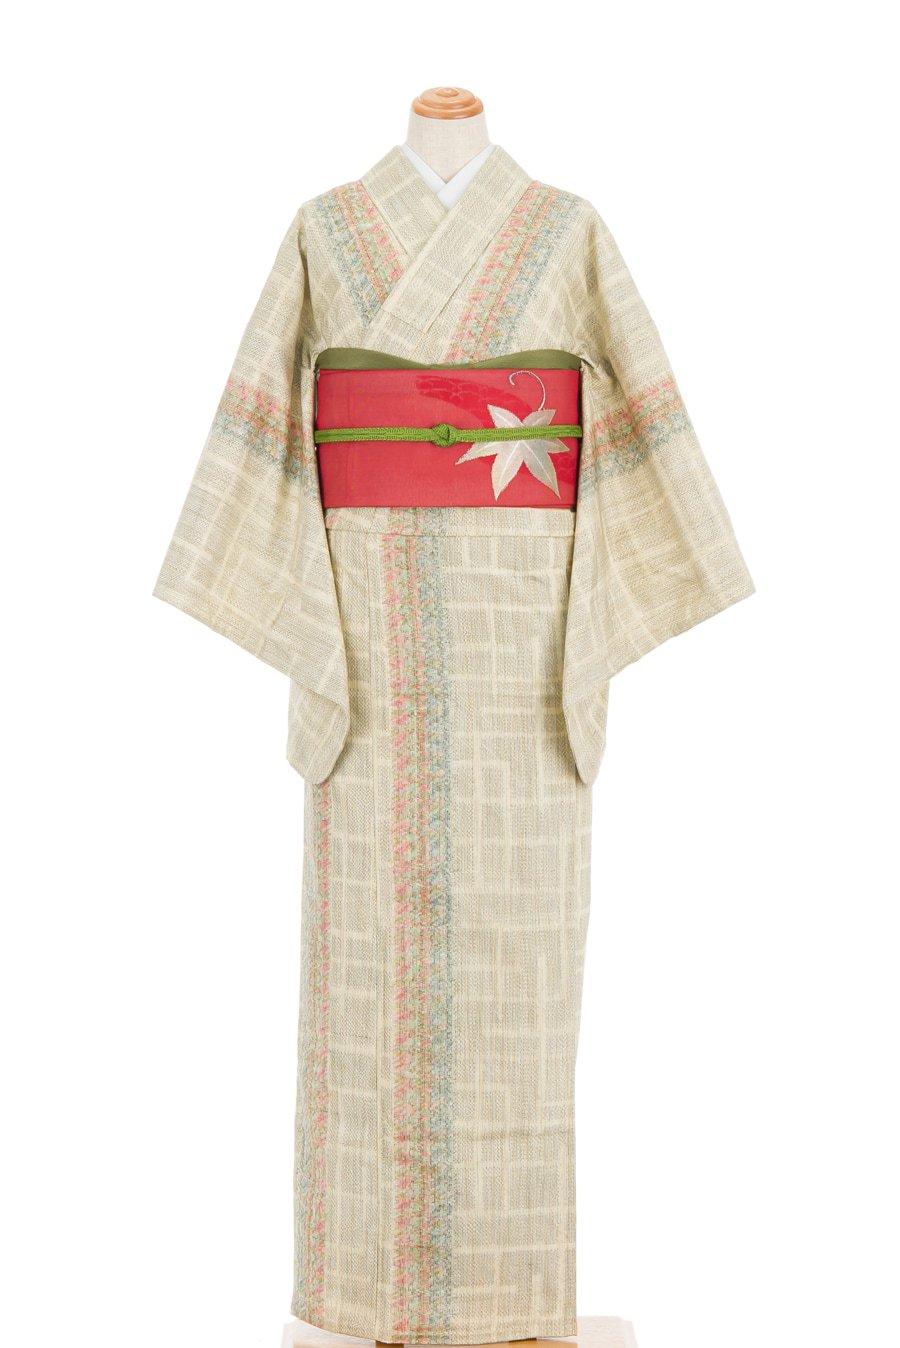 「単衣 紬 赤青混じりの縞」の商品画像